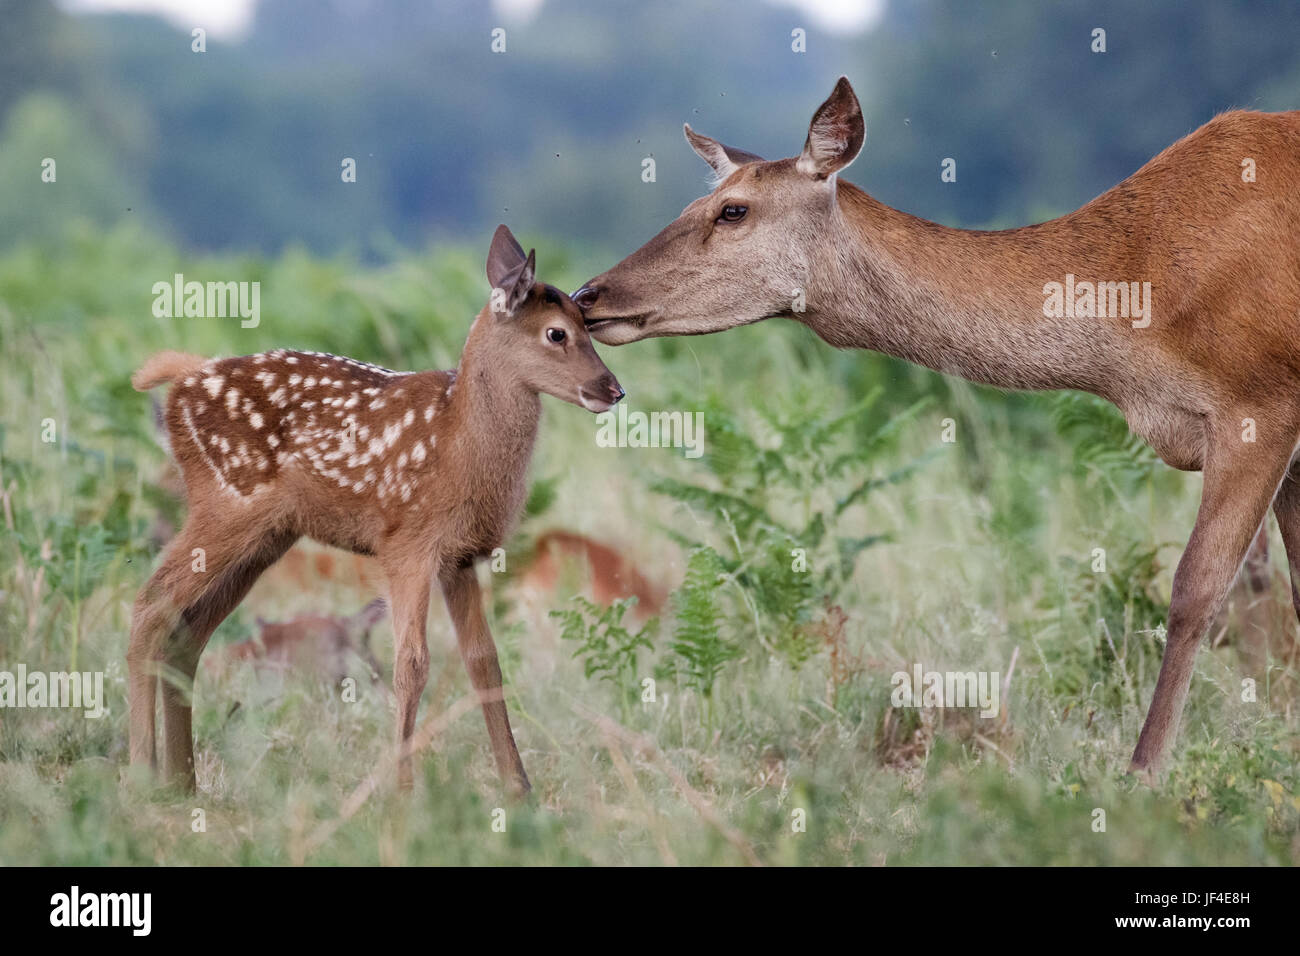 Il cervo (Cervus elaphus) femmina hind madre e bambino piccolo vitello avente una gara momento di incollaggio Immagini Stock